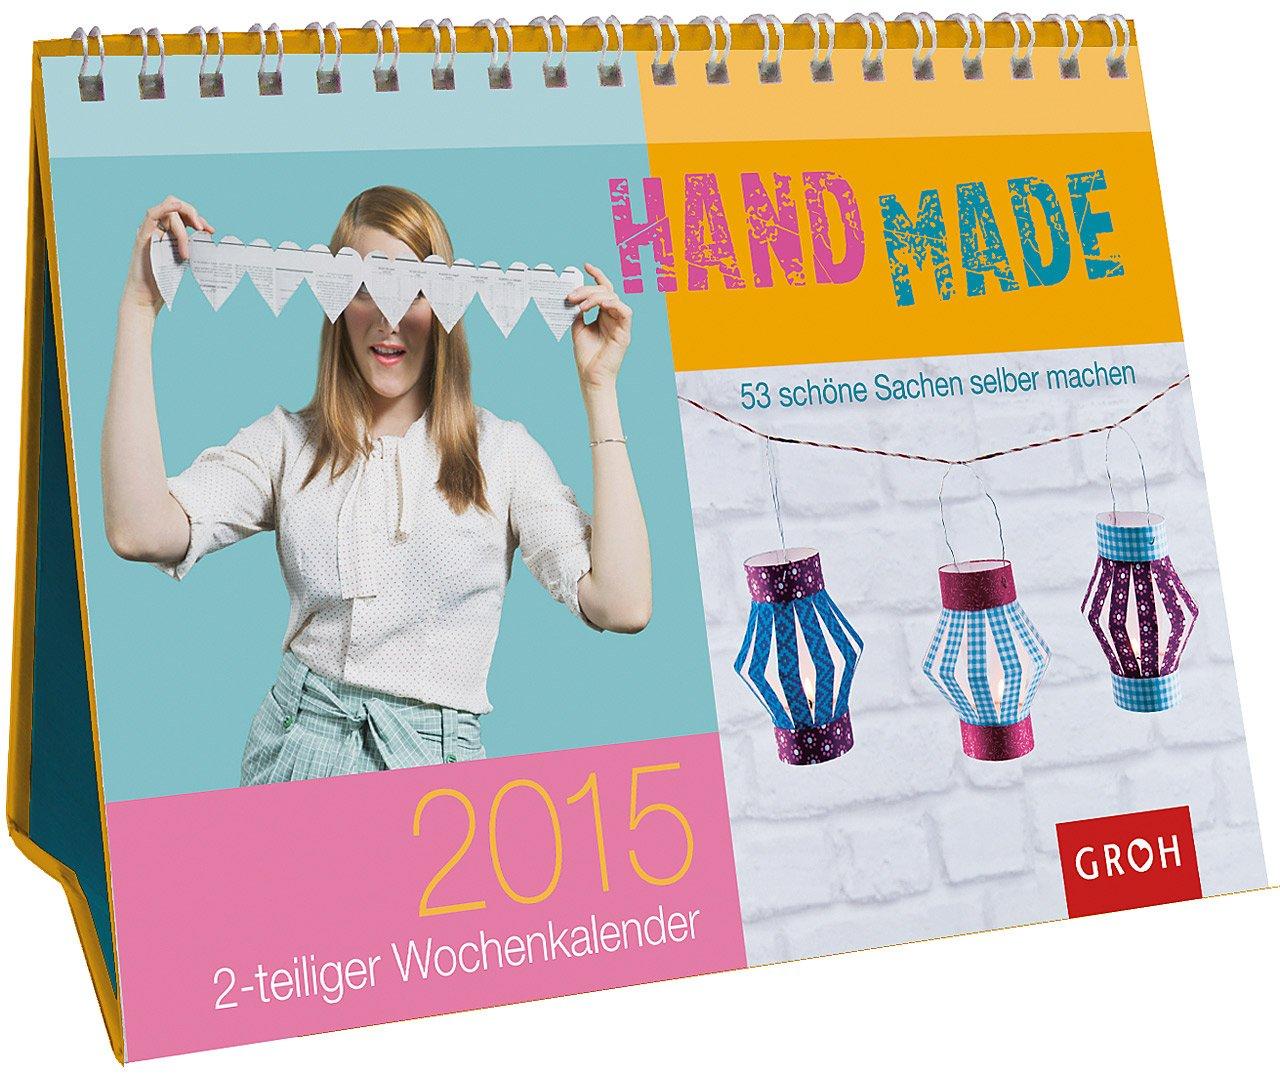 Handmade – 53 schöne Sachen selber machen 2015: Wochenkalender mit 53 kreativen Bastelideen